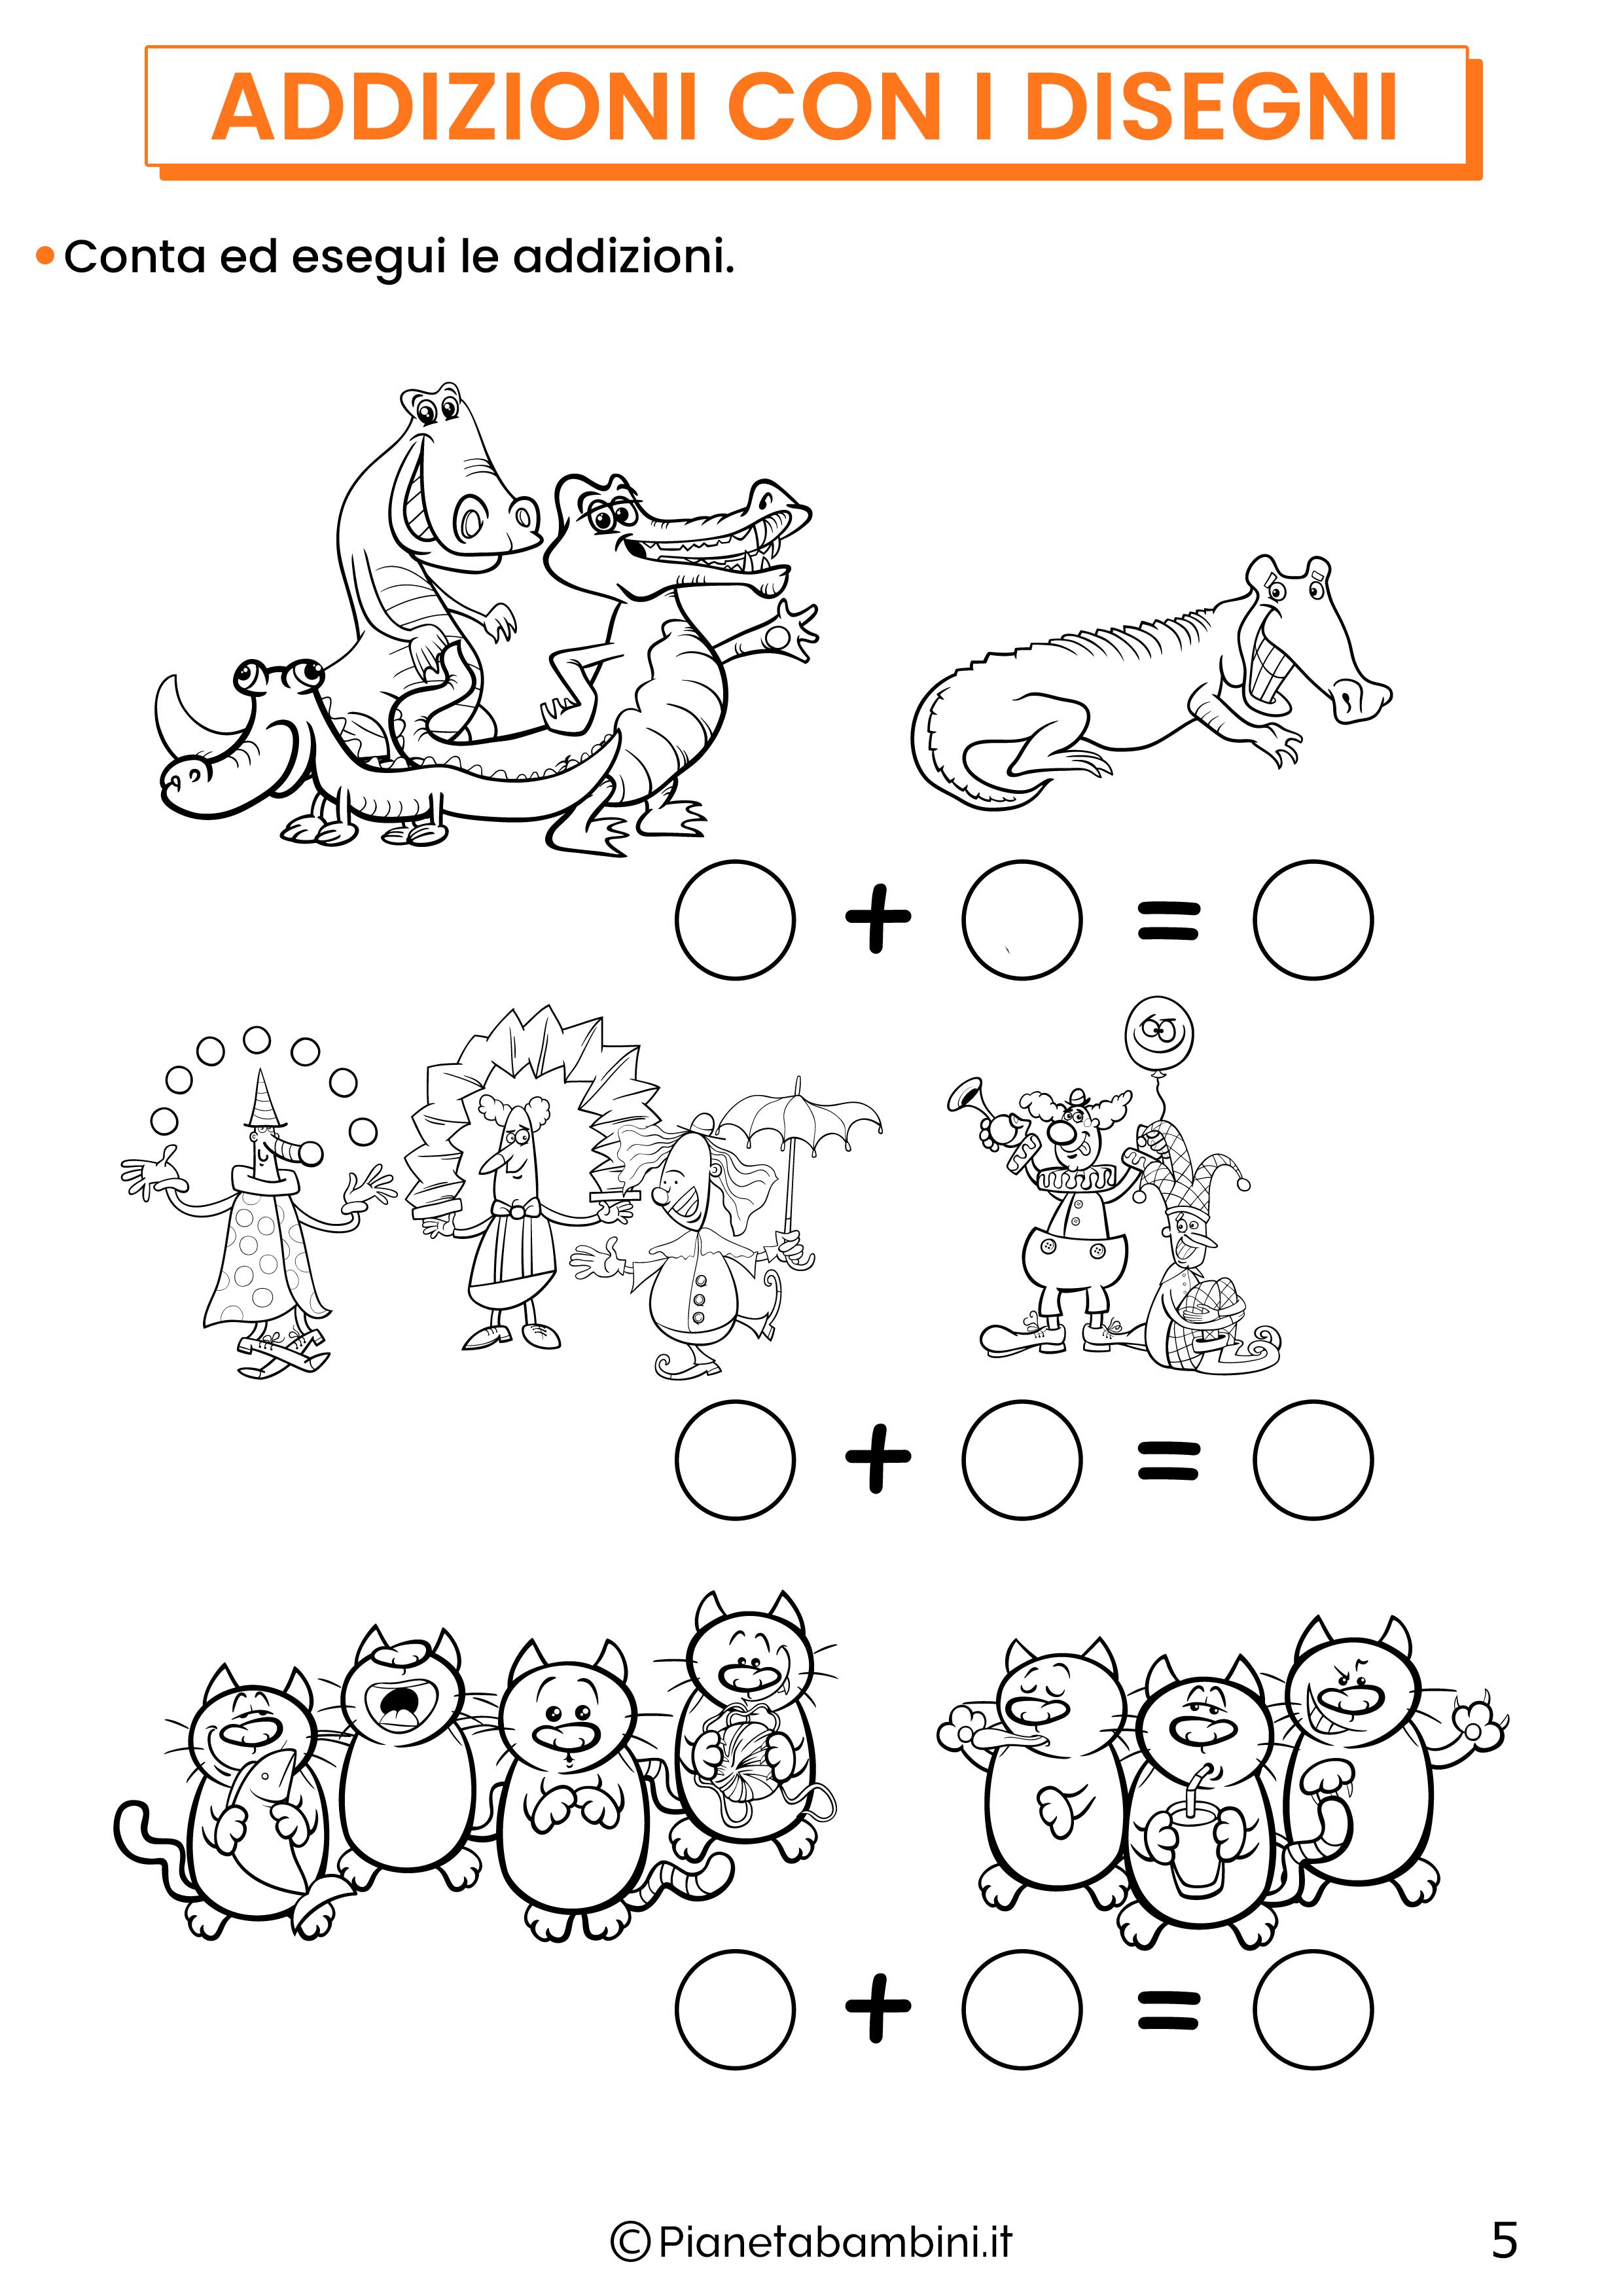 Addizioni con disegni per la classe prima pagina 5